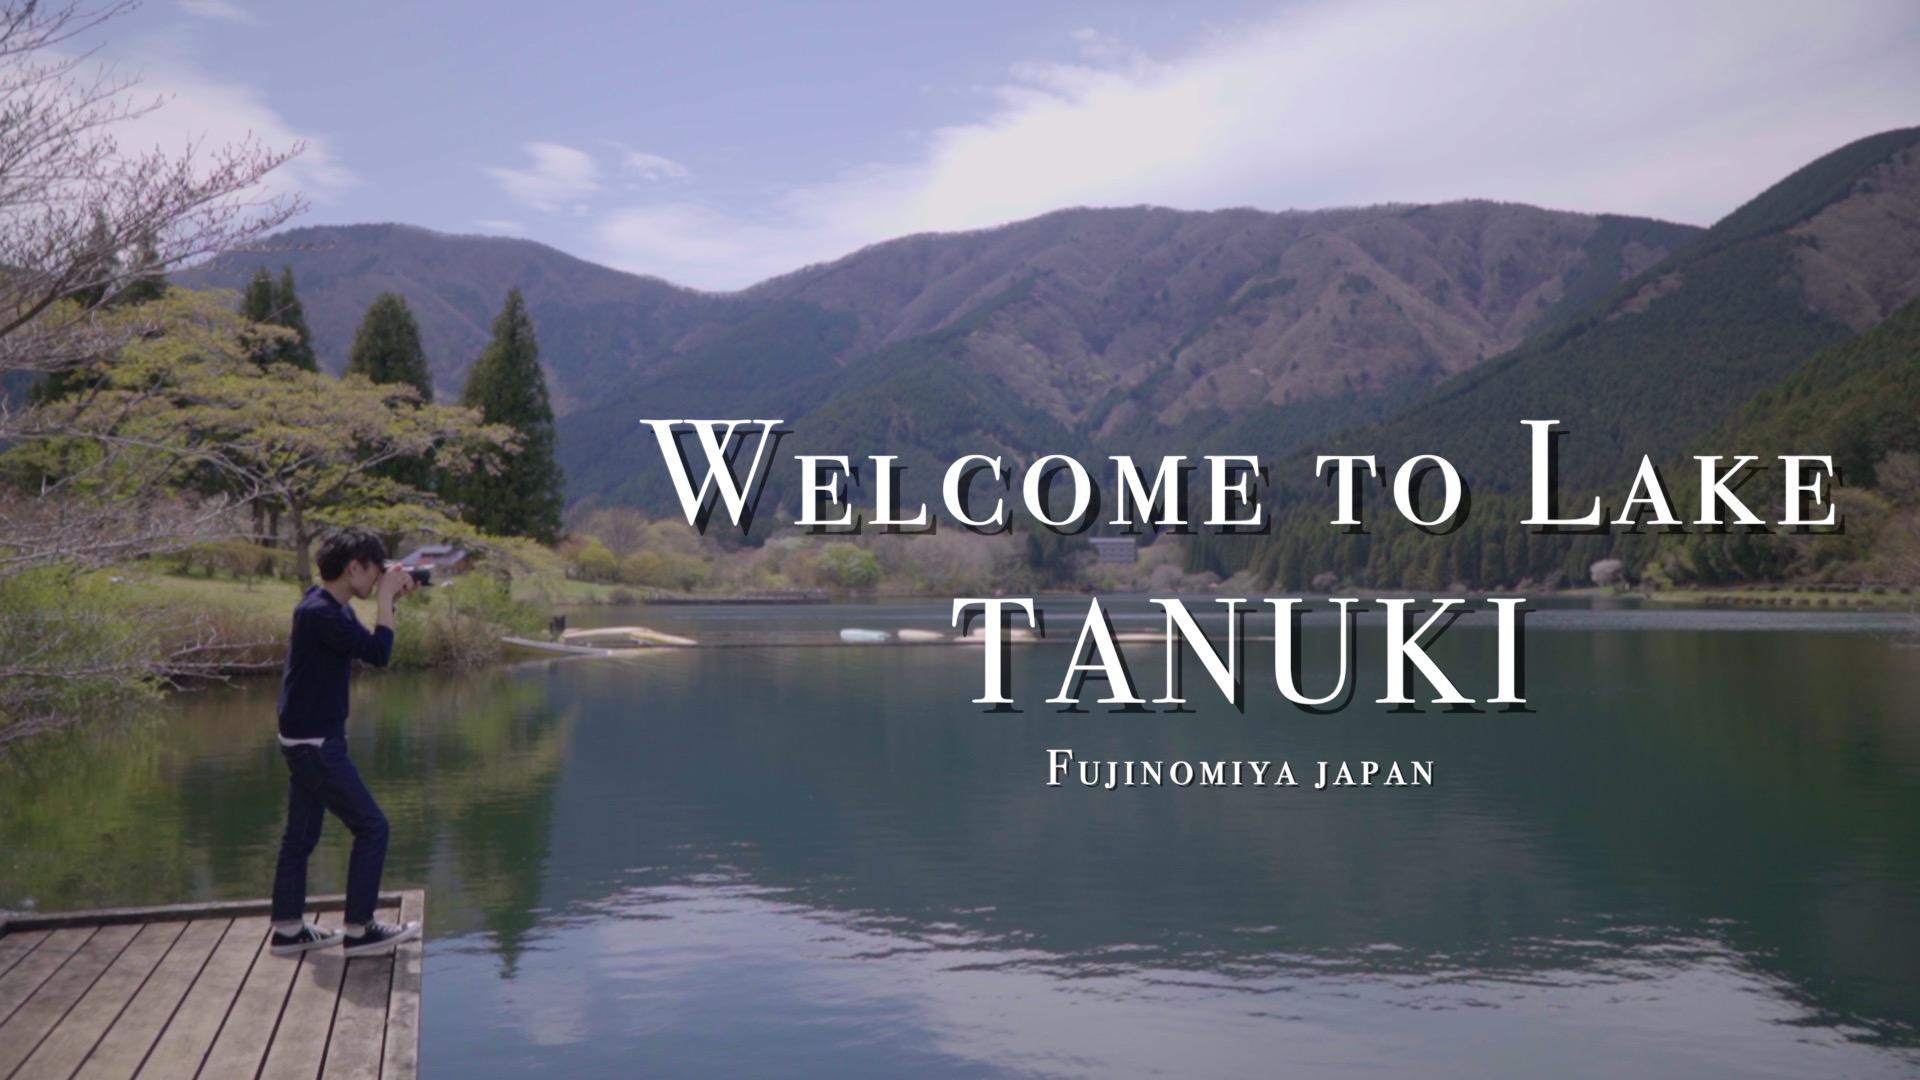 田貫湖紹介ムービー【富士山を望む美しい湖】※自主制作